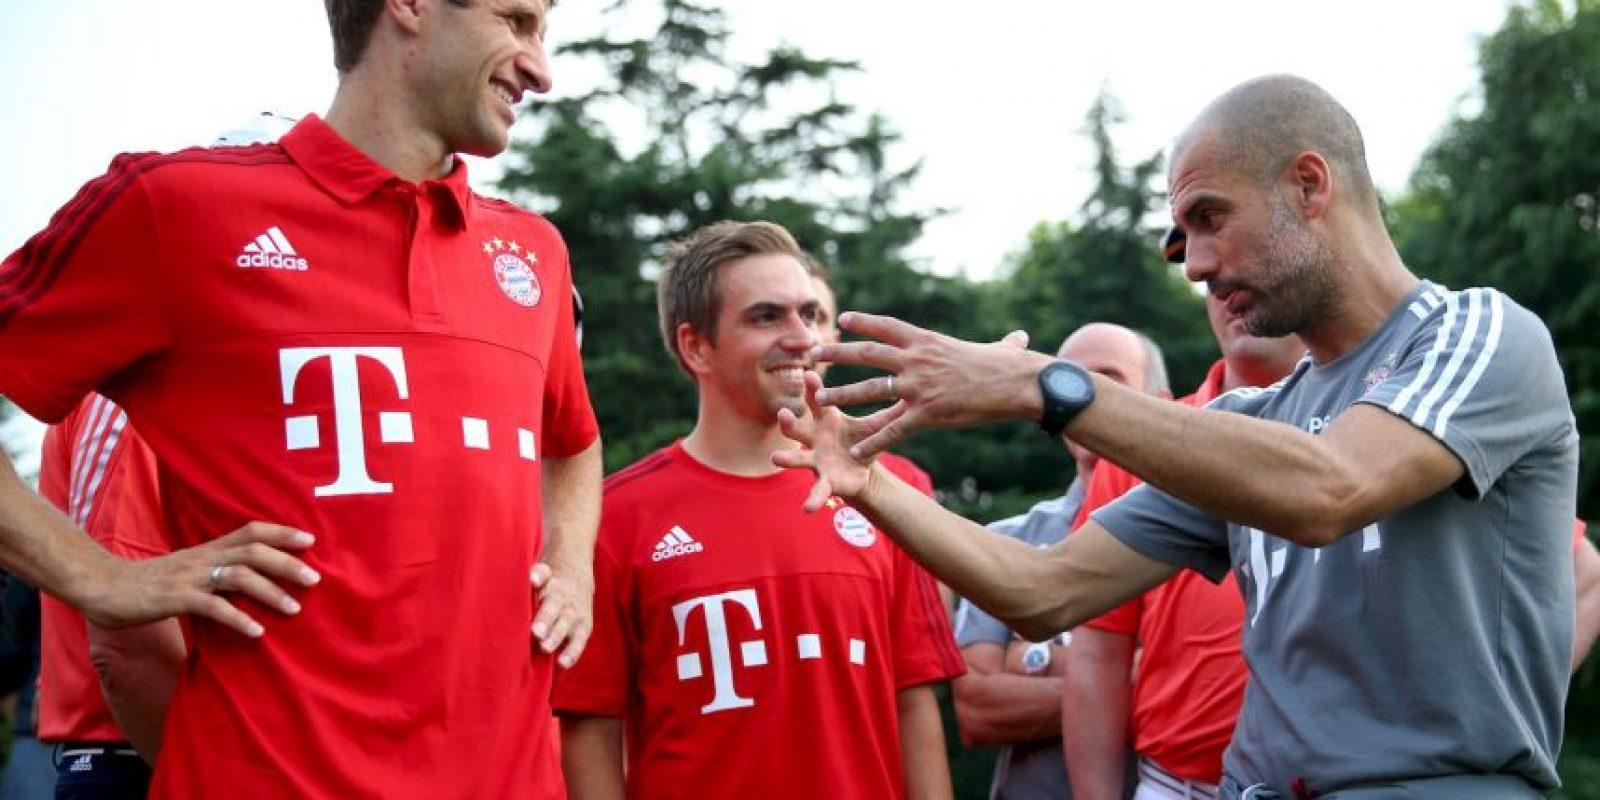 El entrenador español viajó con su equipo al país asiático para una gira de pretemporada. Foto:Getty Images